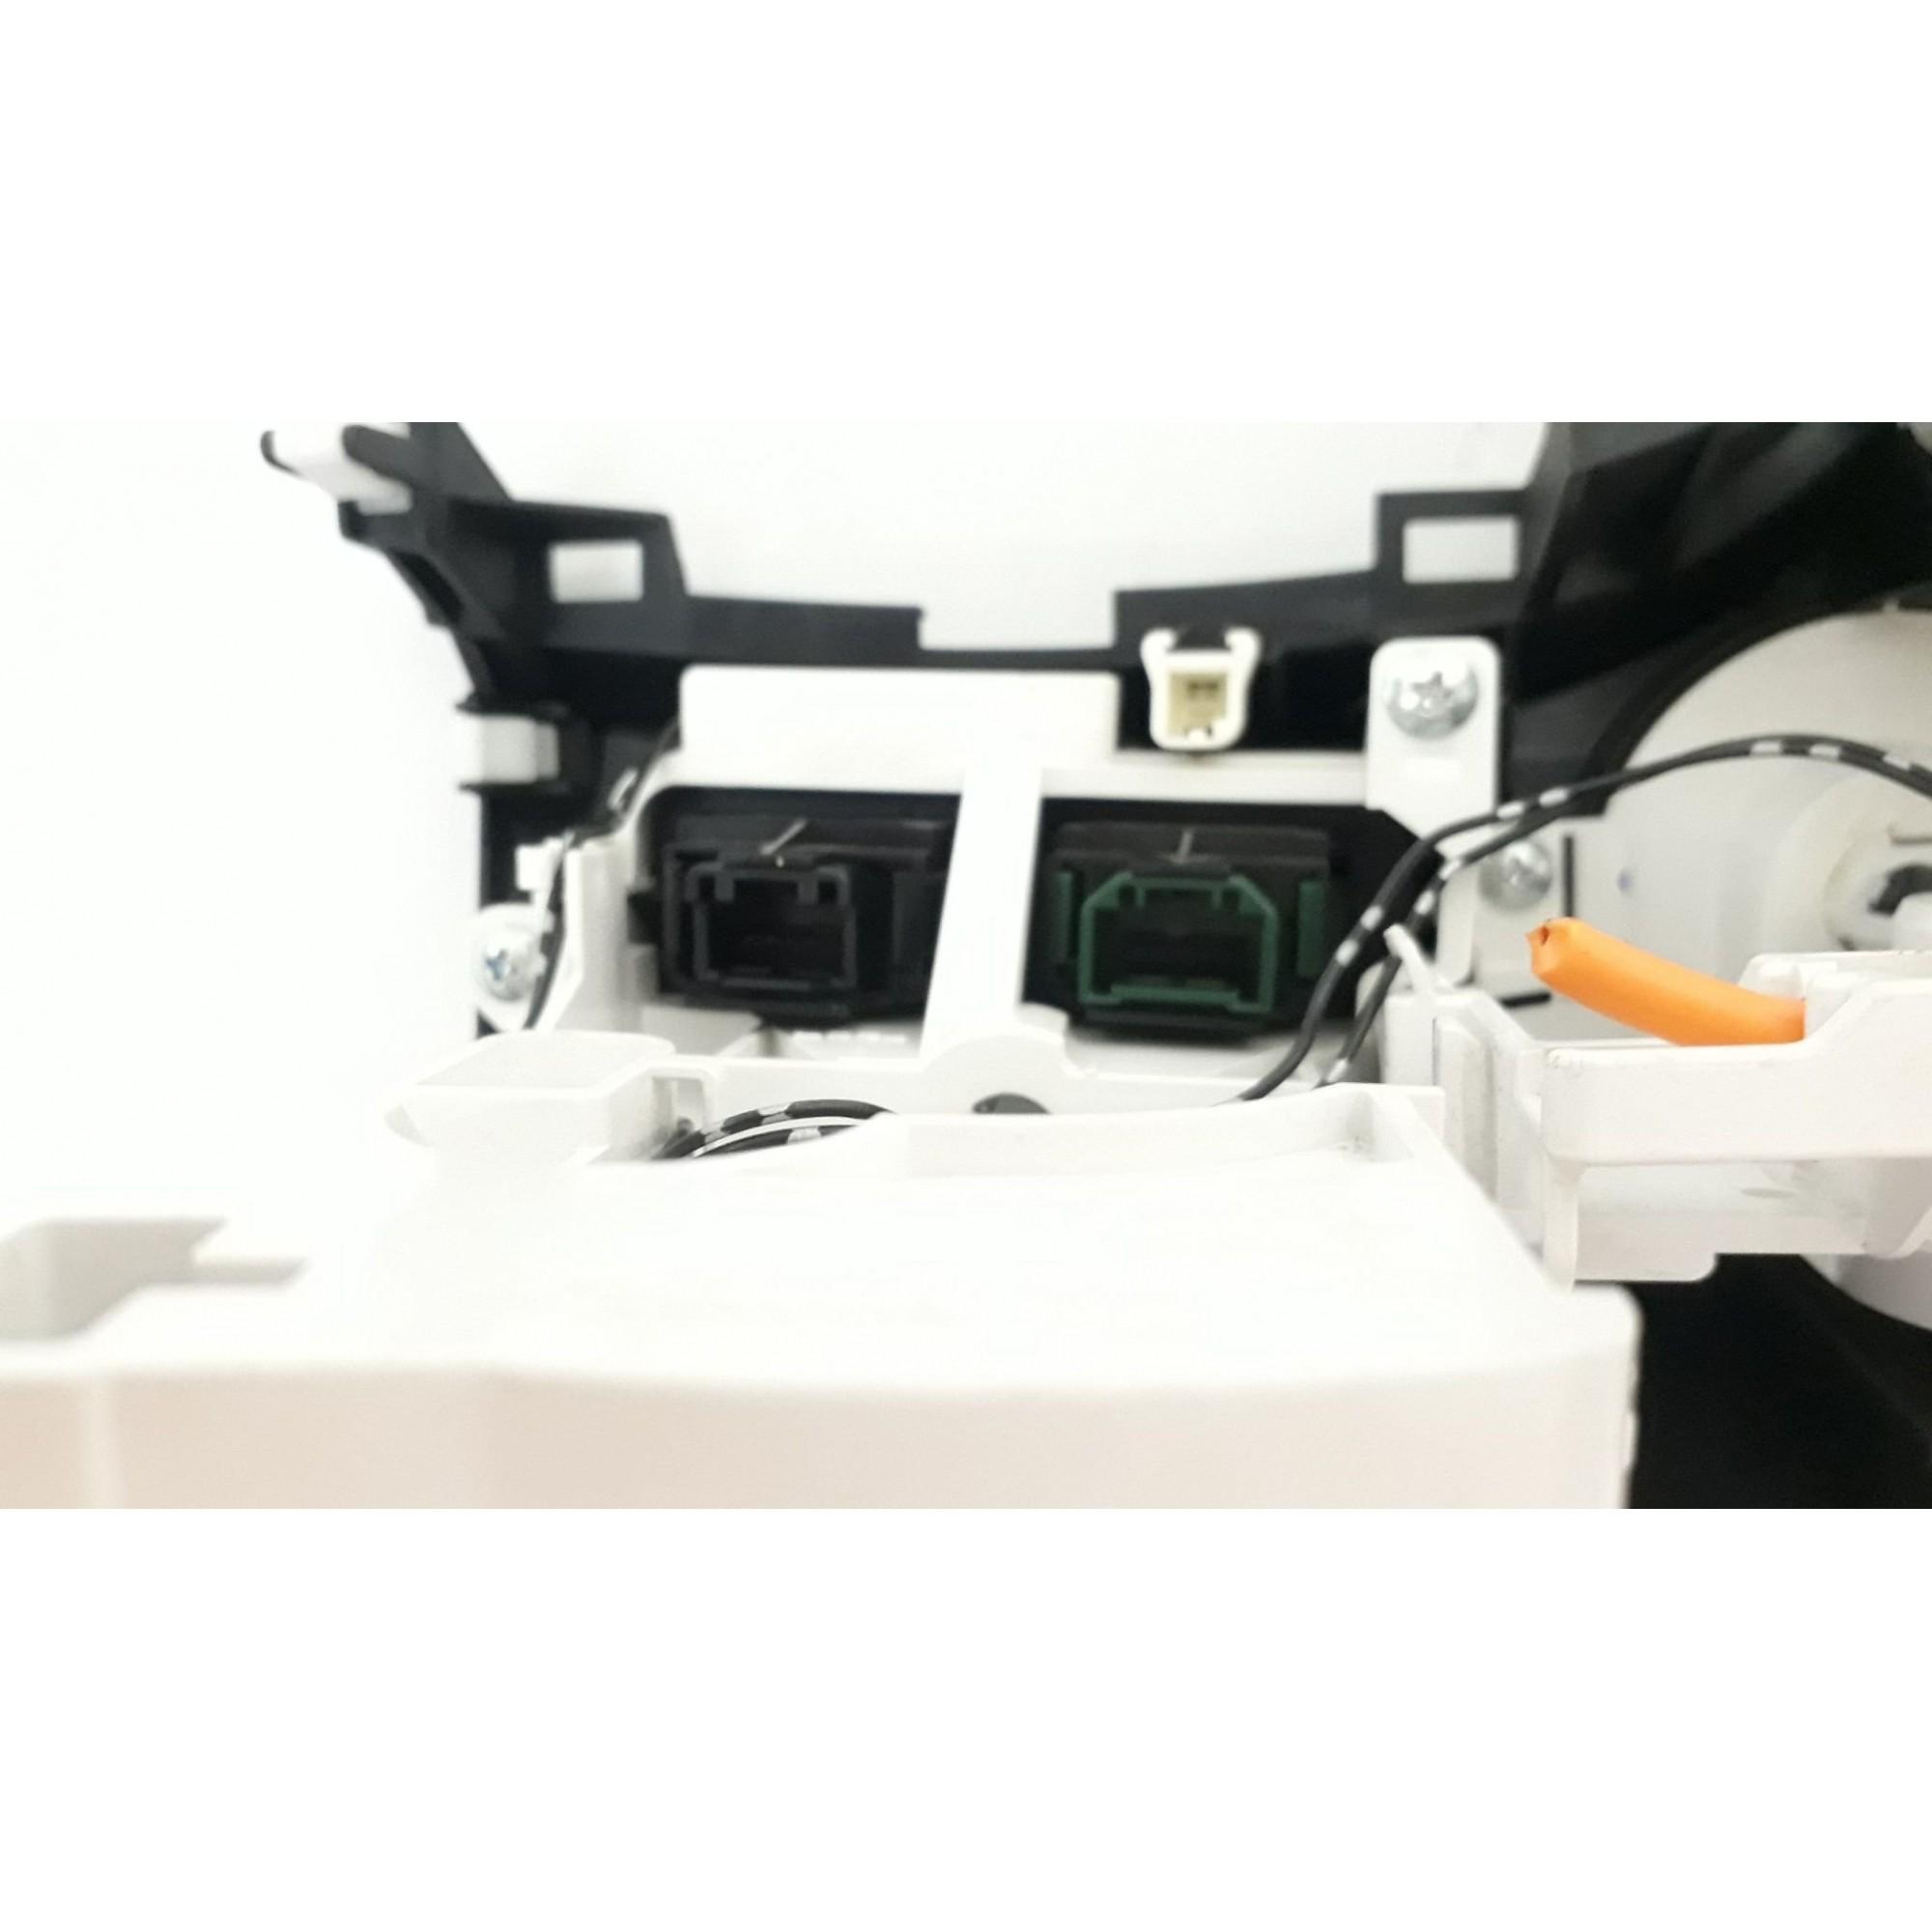 Comando Ar Condicionado Analogico Honda Fit 2009-2013